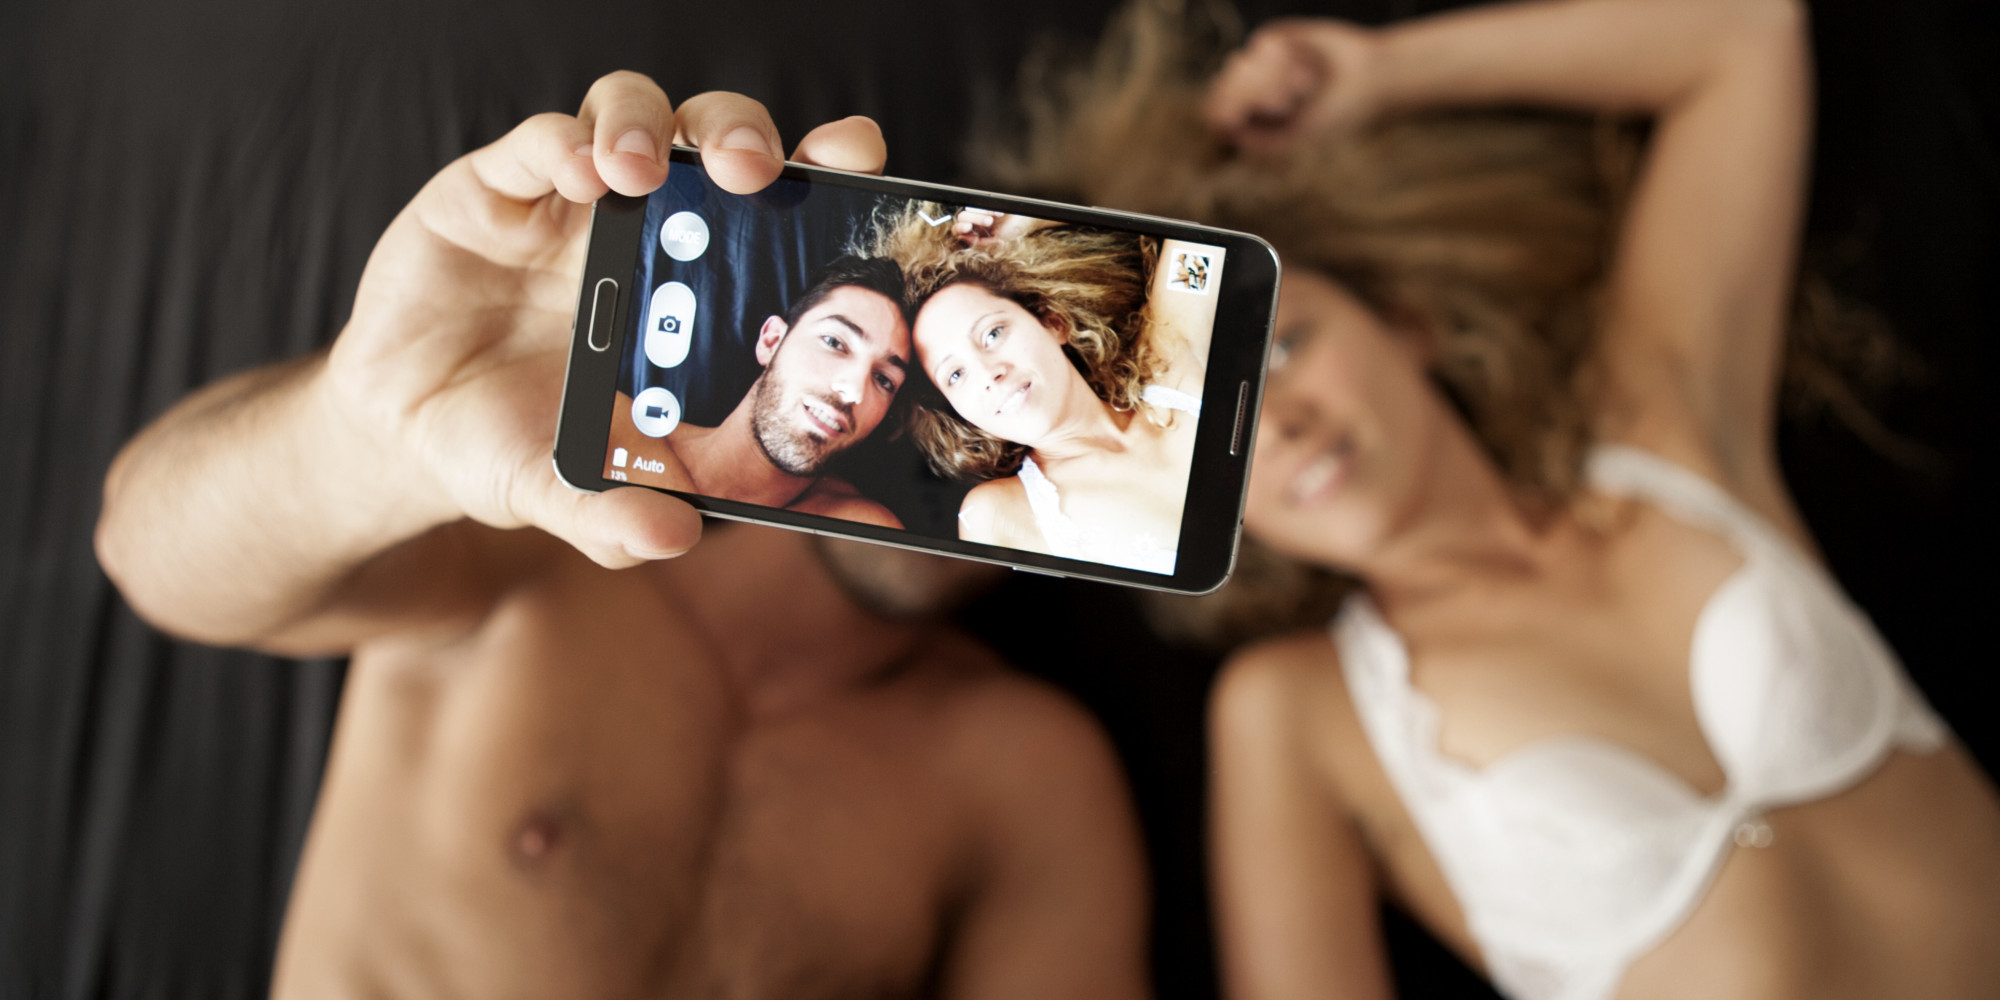 seks-po-telefonu-adler